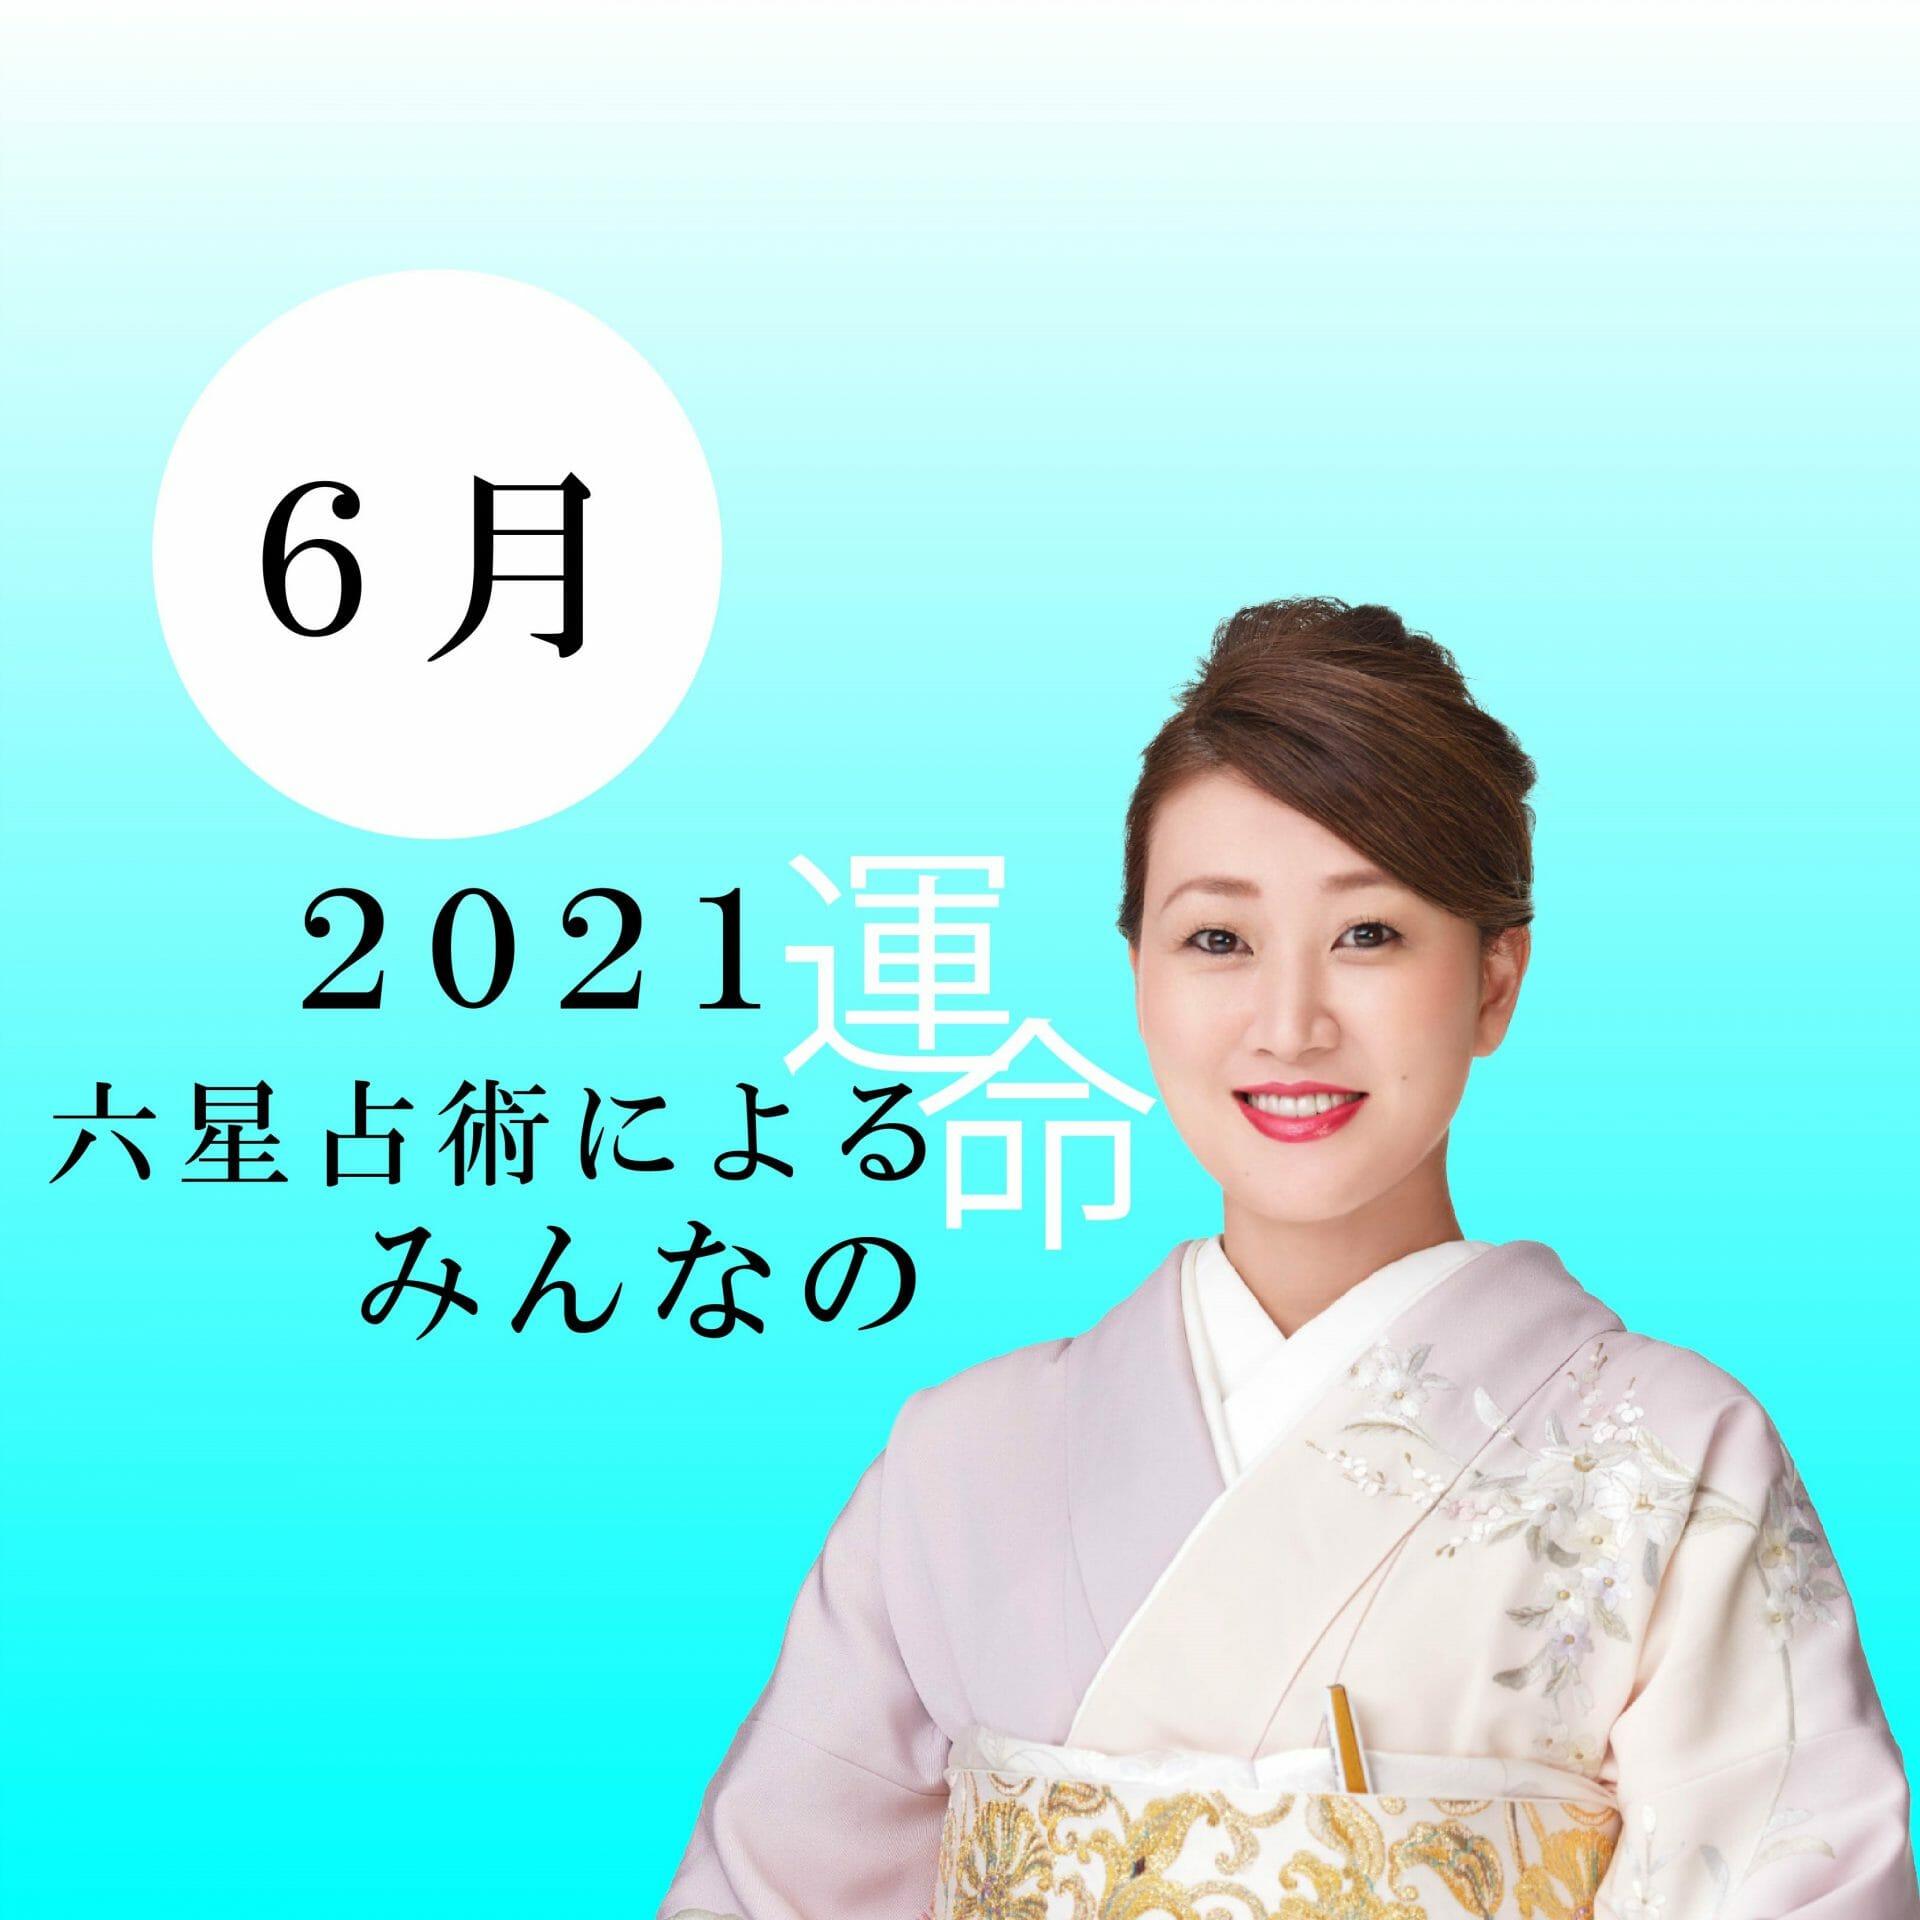 2021婦人画報みんなの運命6月